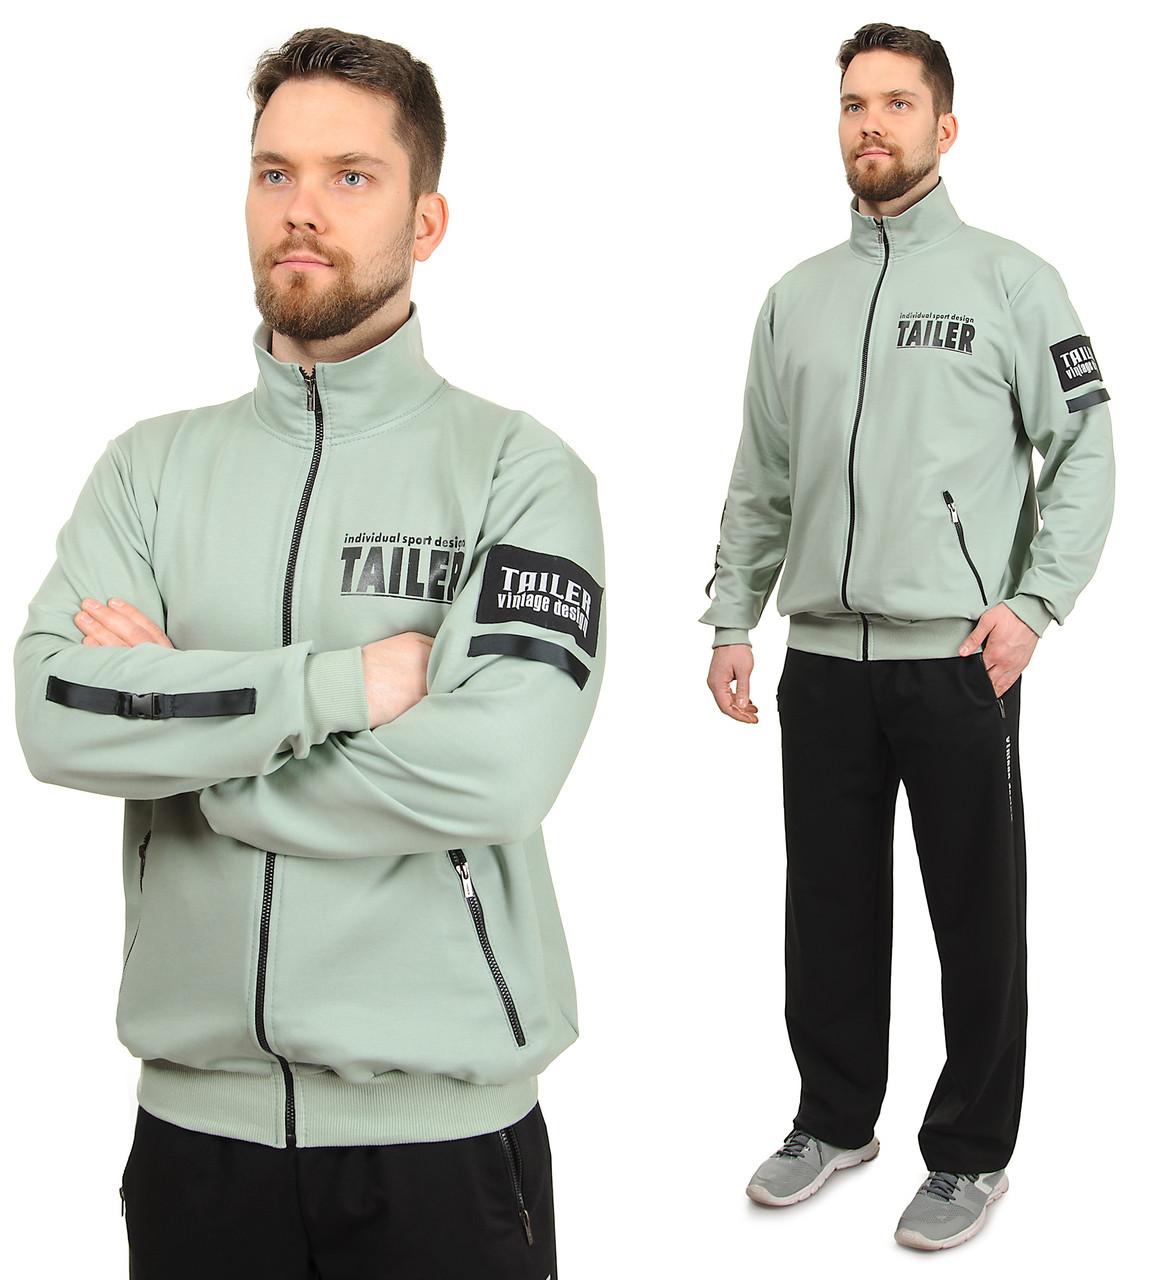 Мужской спортивный костюм трикотажный воротник стойка, брюки прямые, ментол